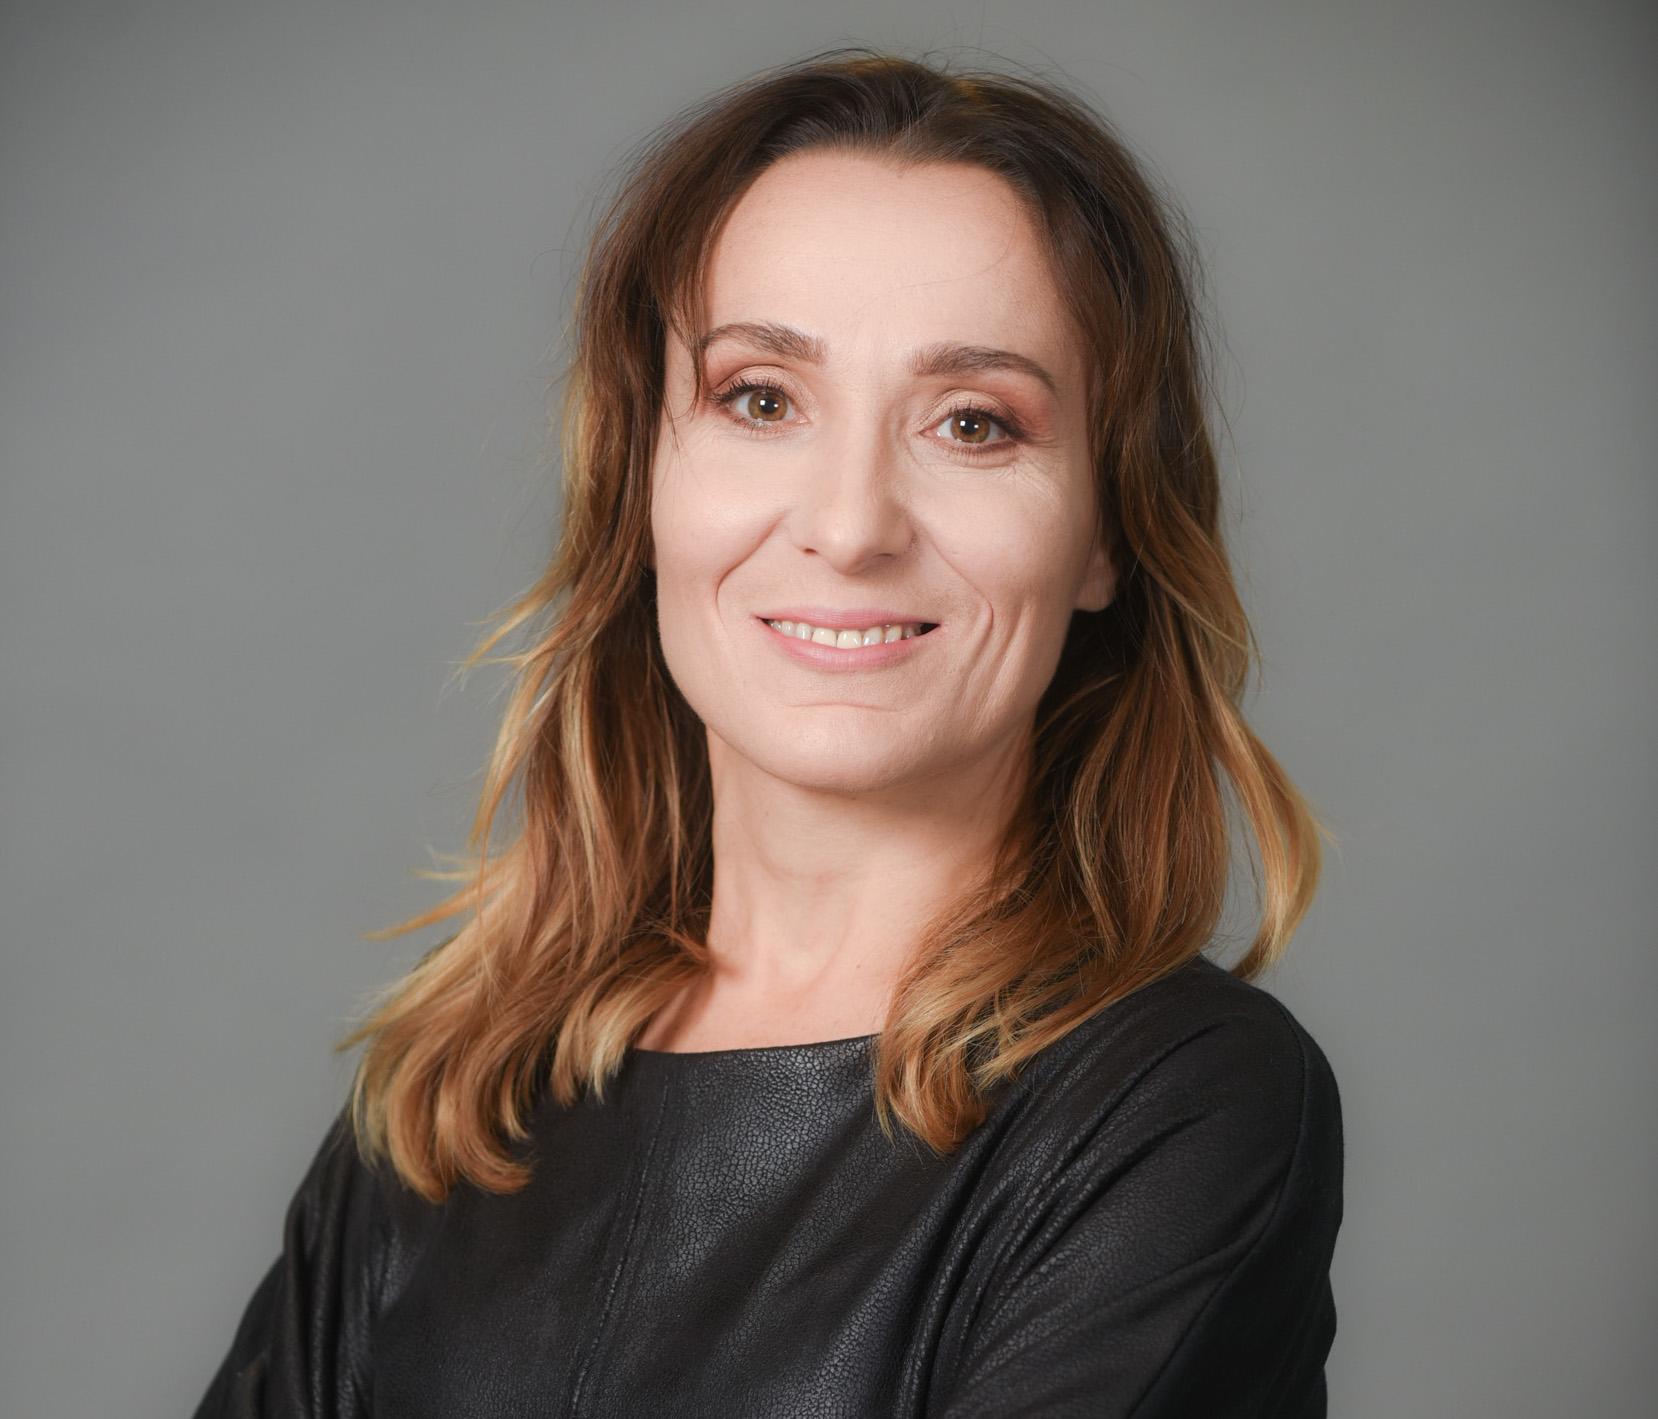 Katarzyna Żmudzińska